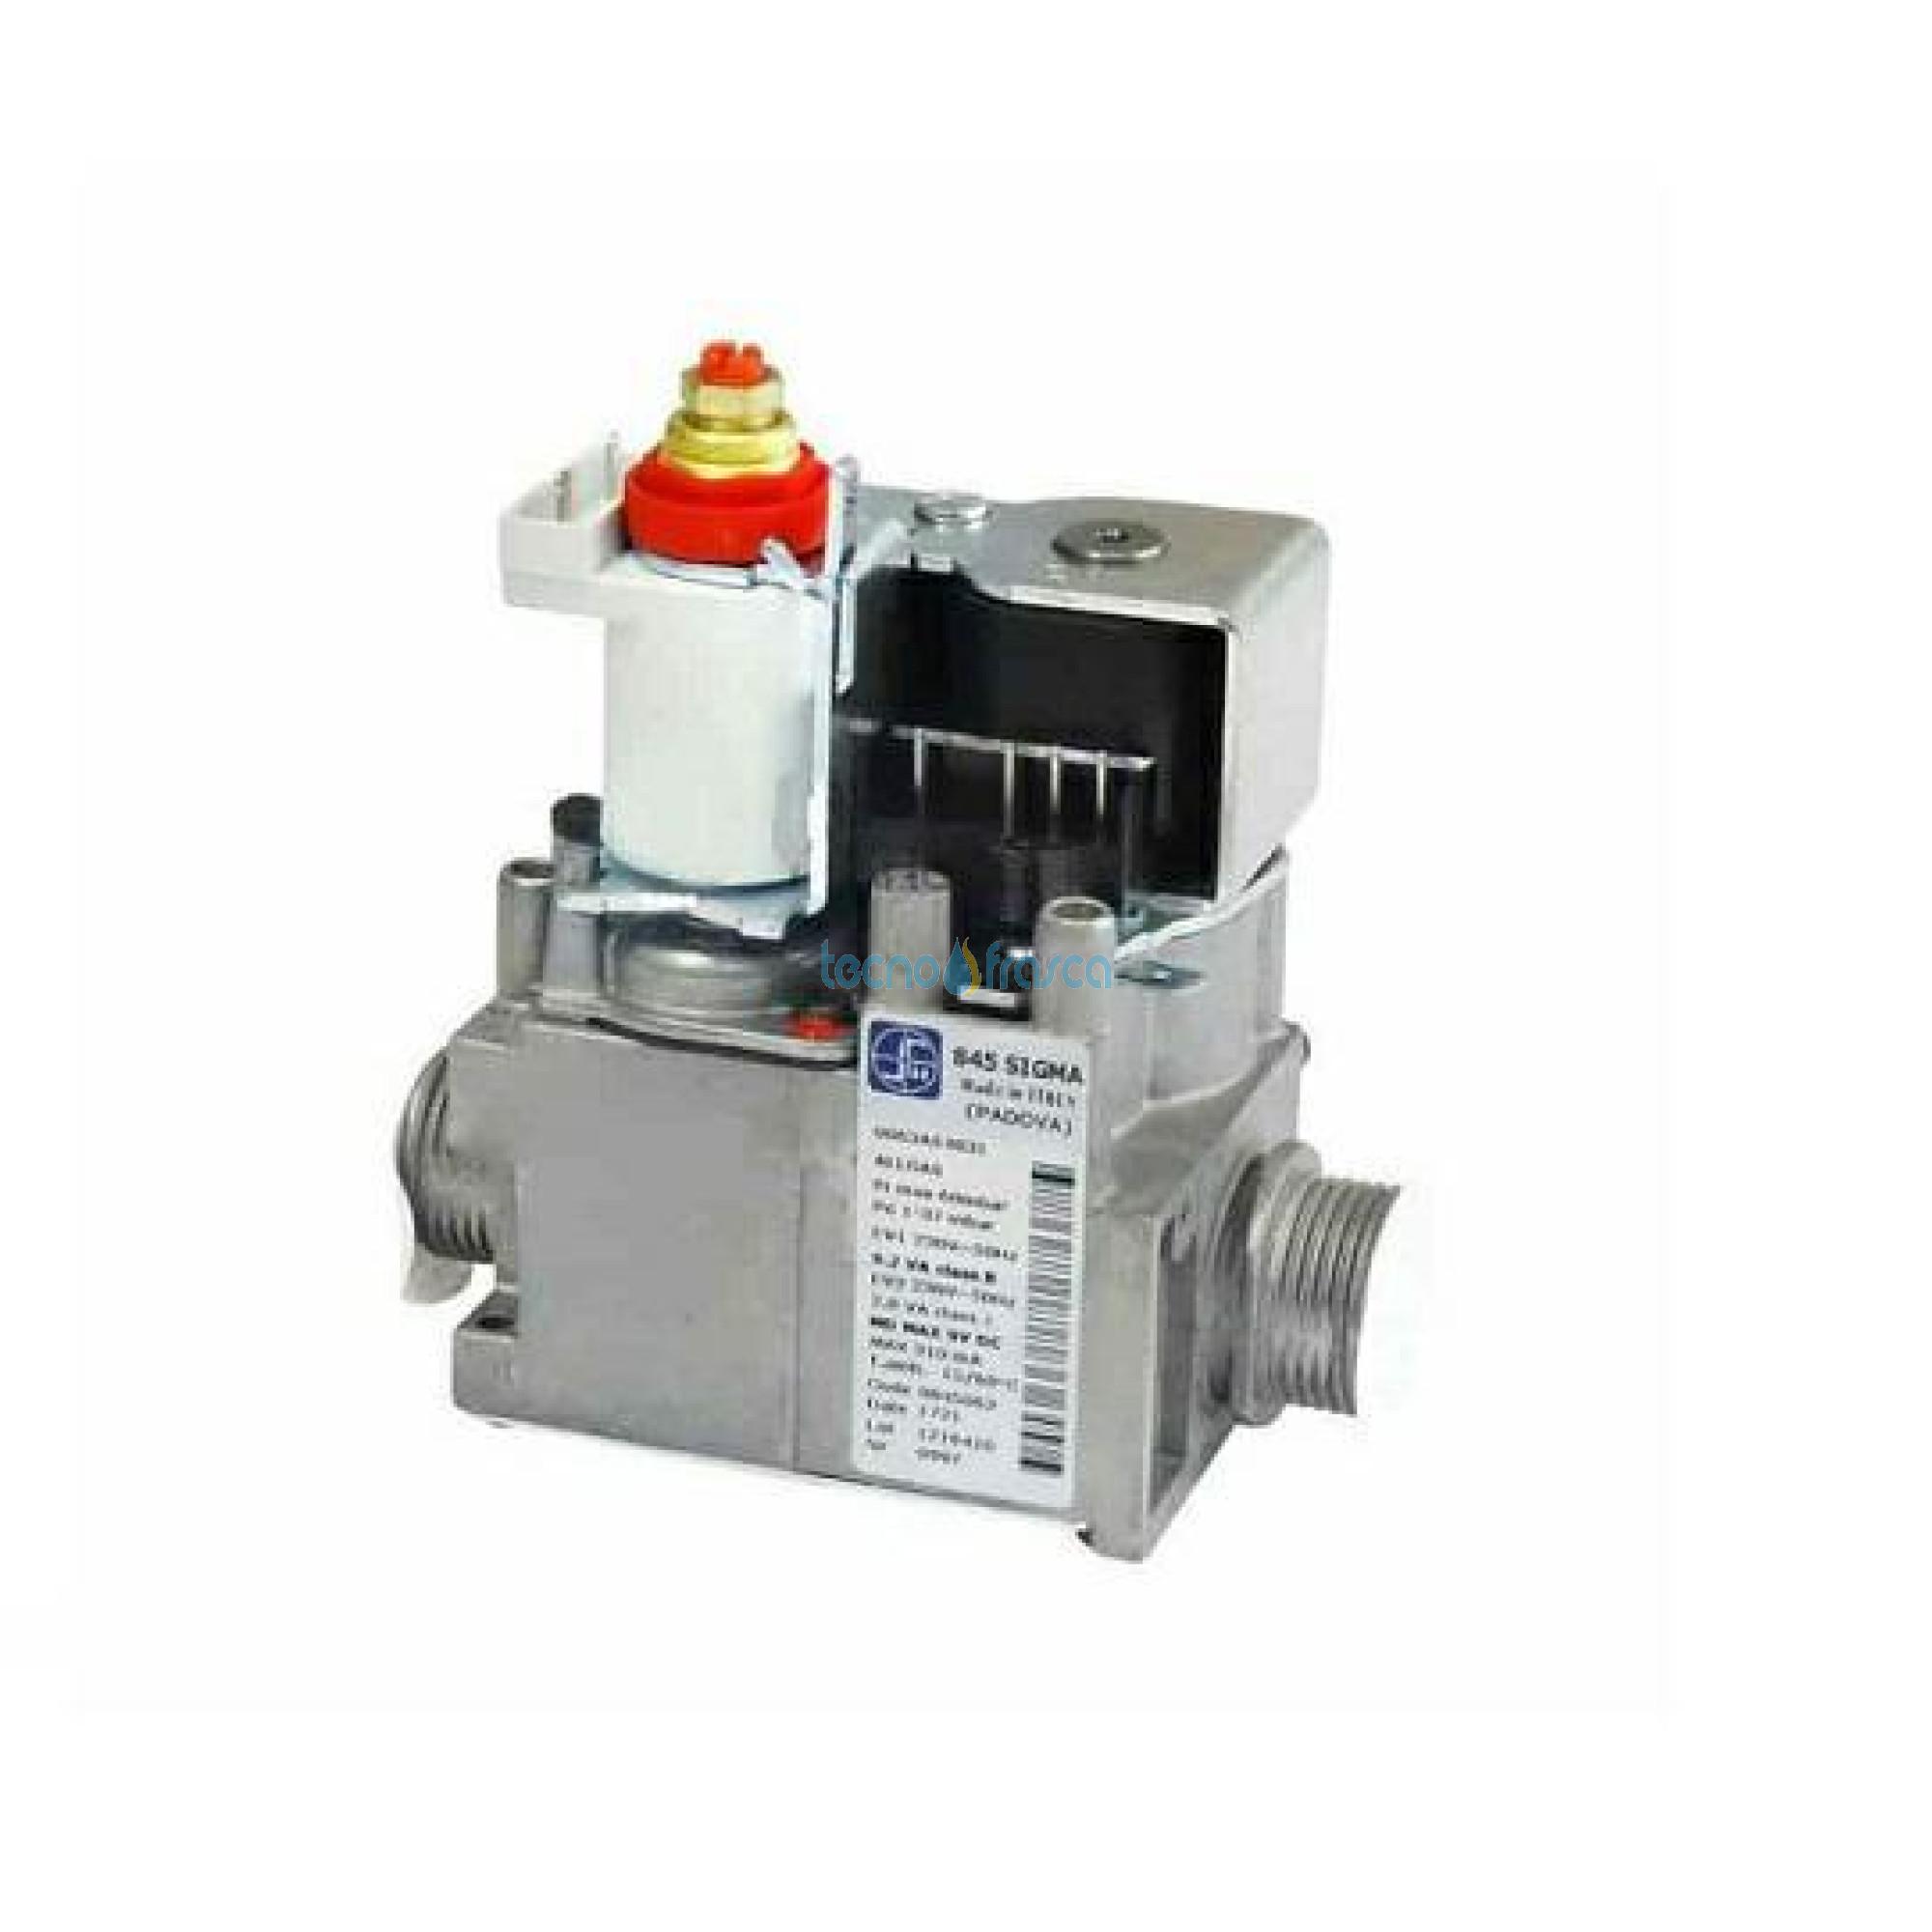 Immergas Valvola Gas Sit 0845063 Sigma 1.021496 ex 1.014365